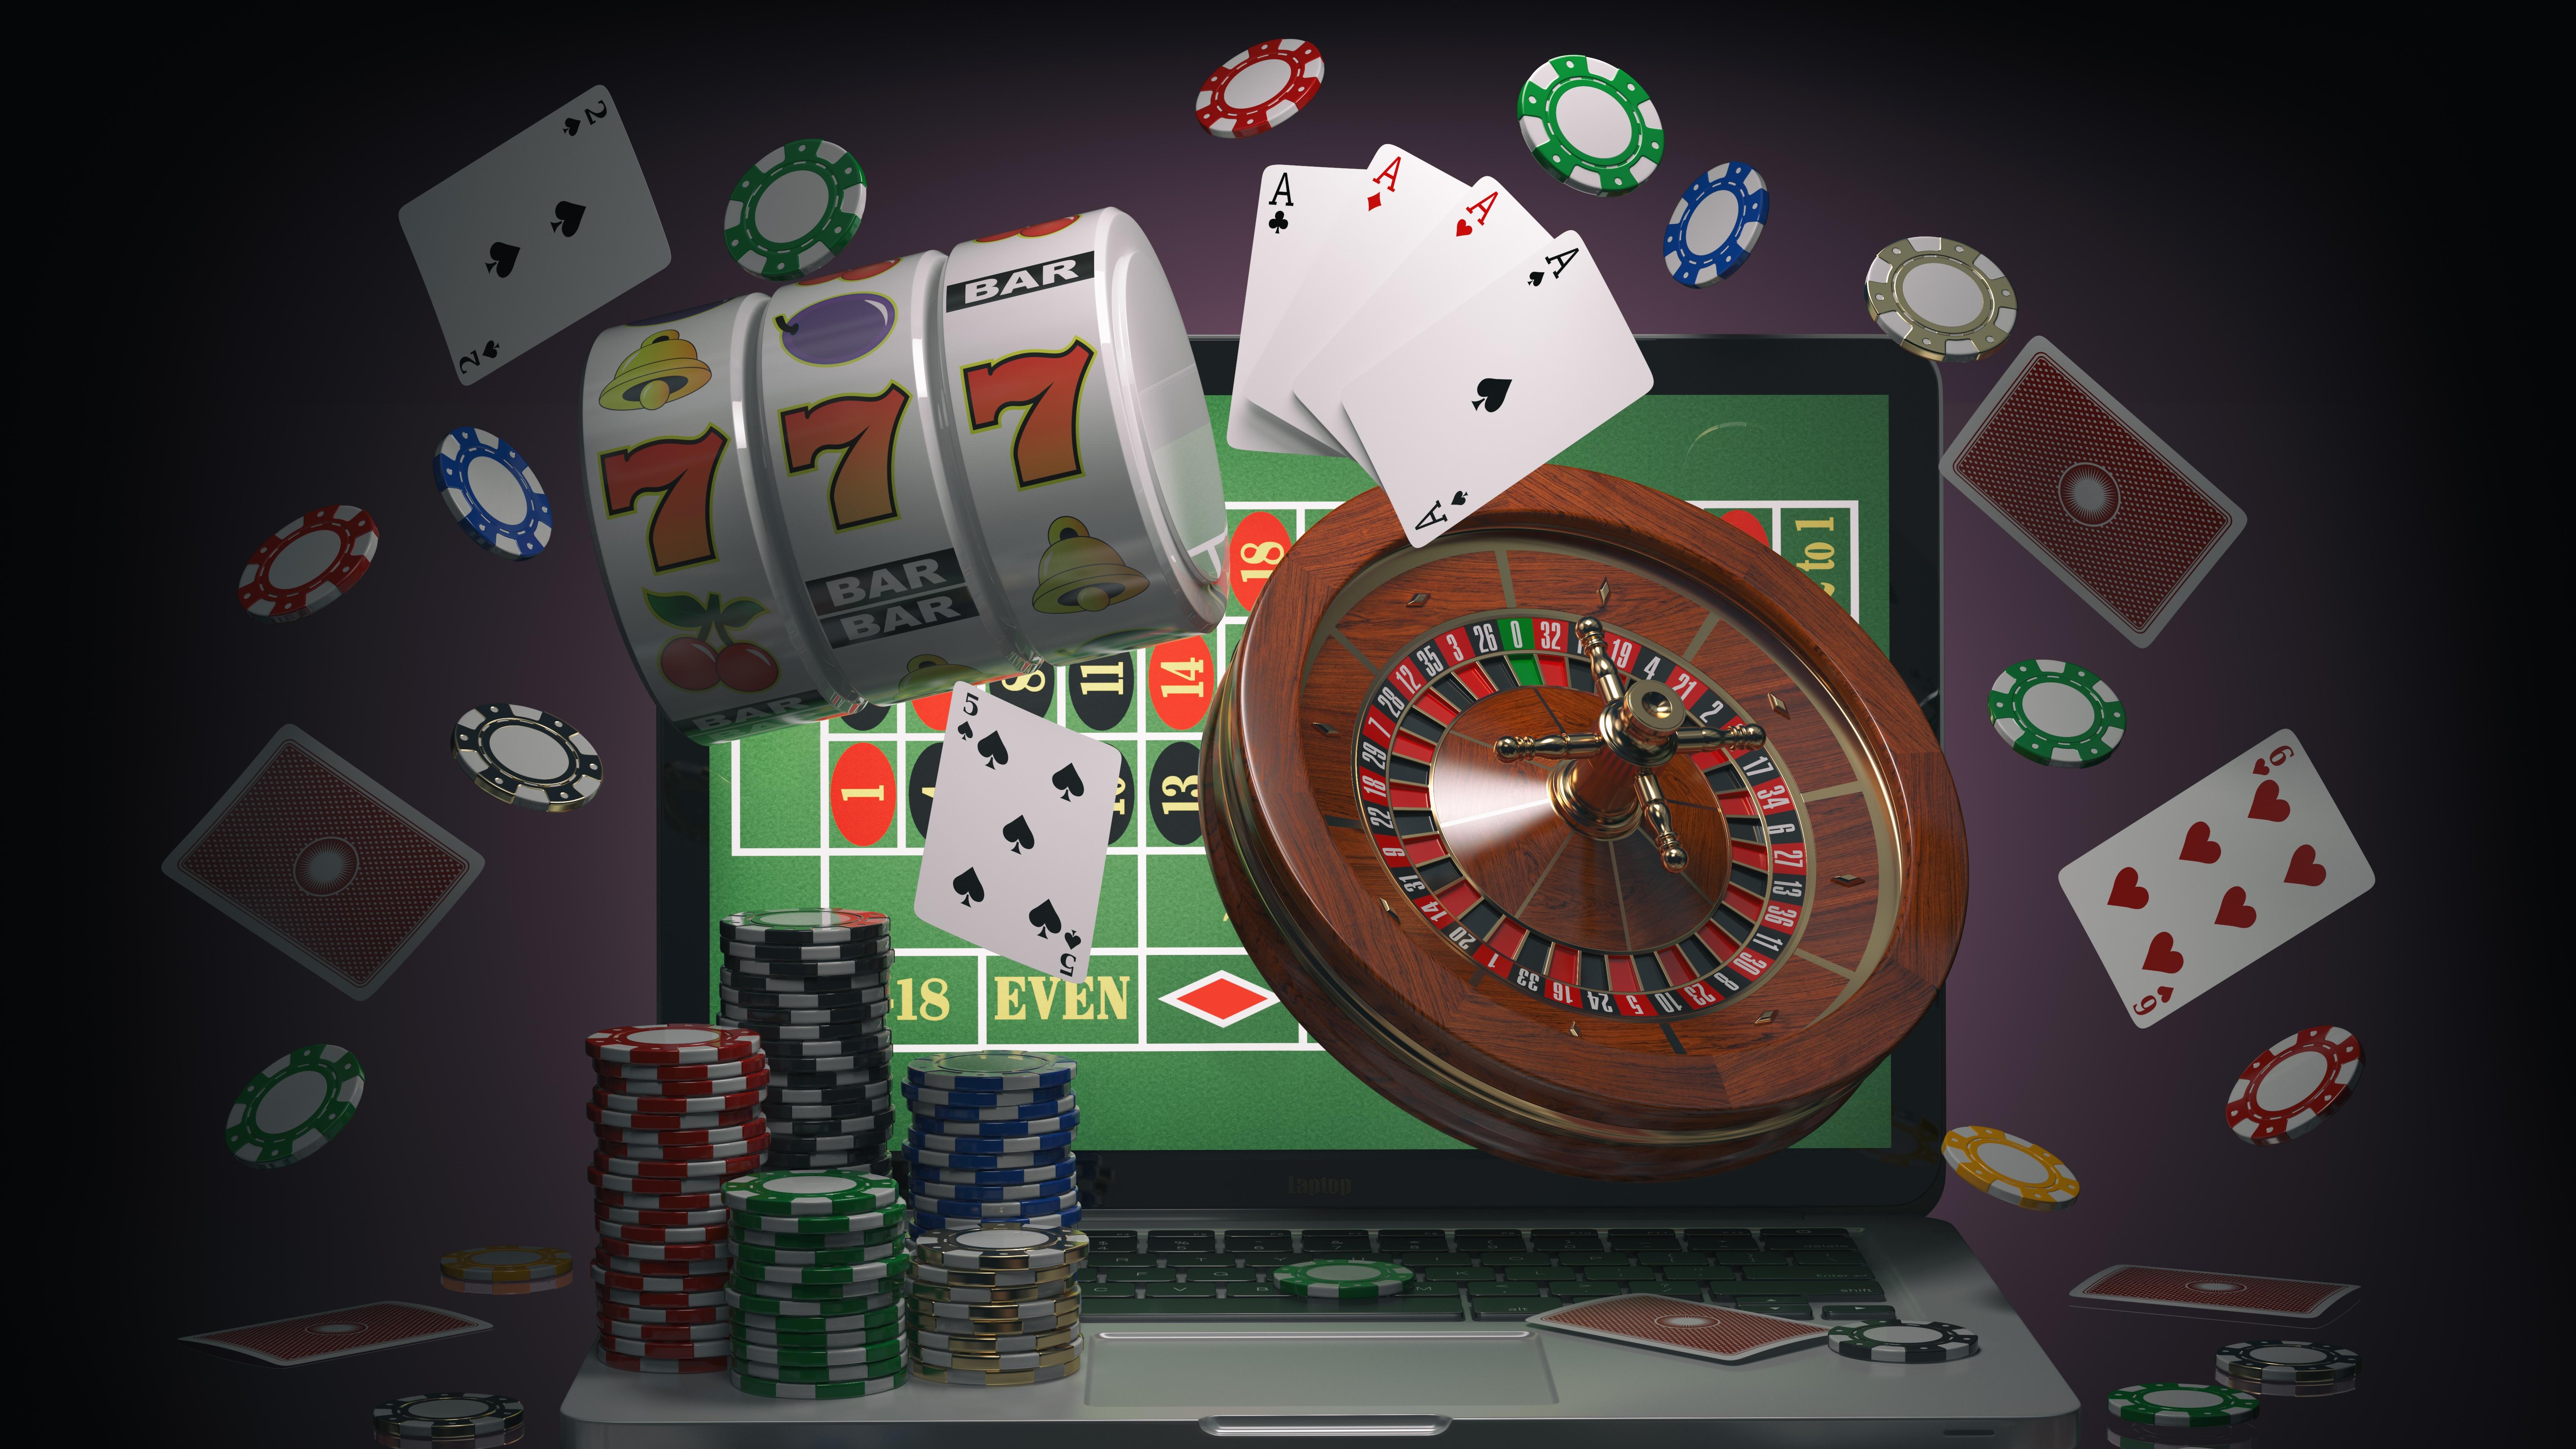 Online-Glücksspiel in UK gutes Beispiel für erfolgreiche Lizenzierung